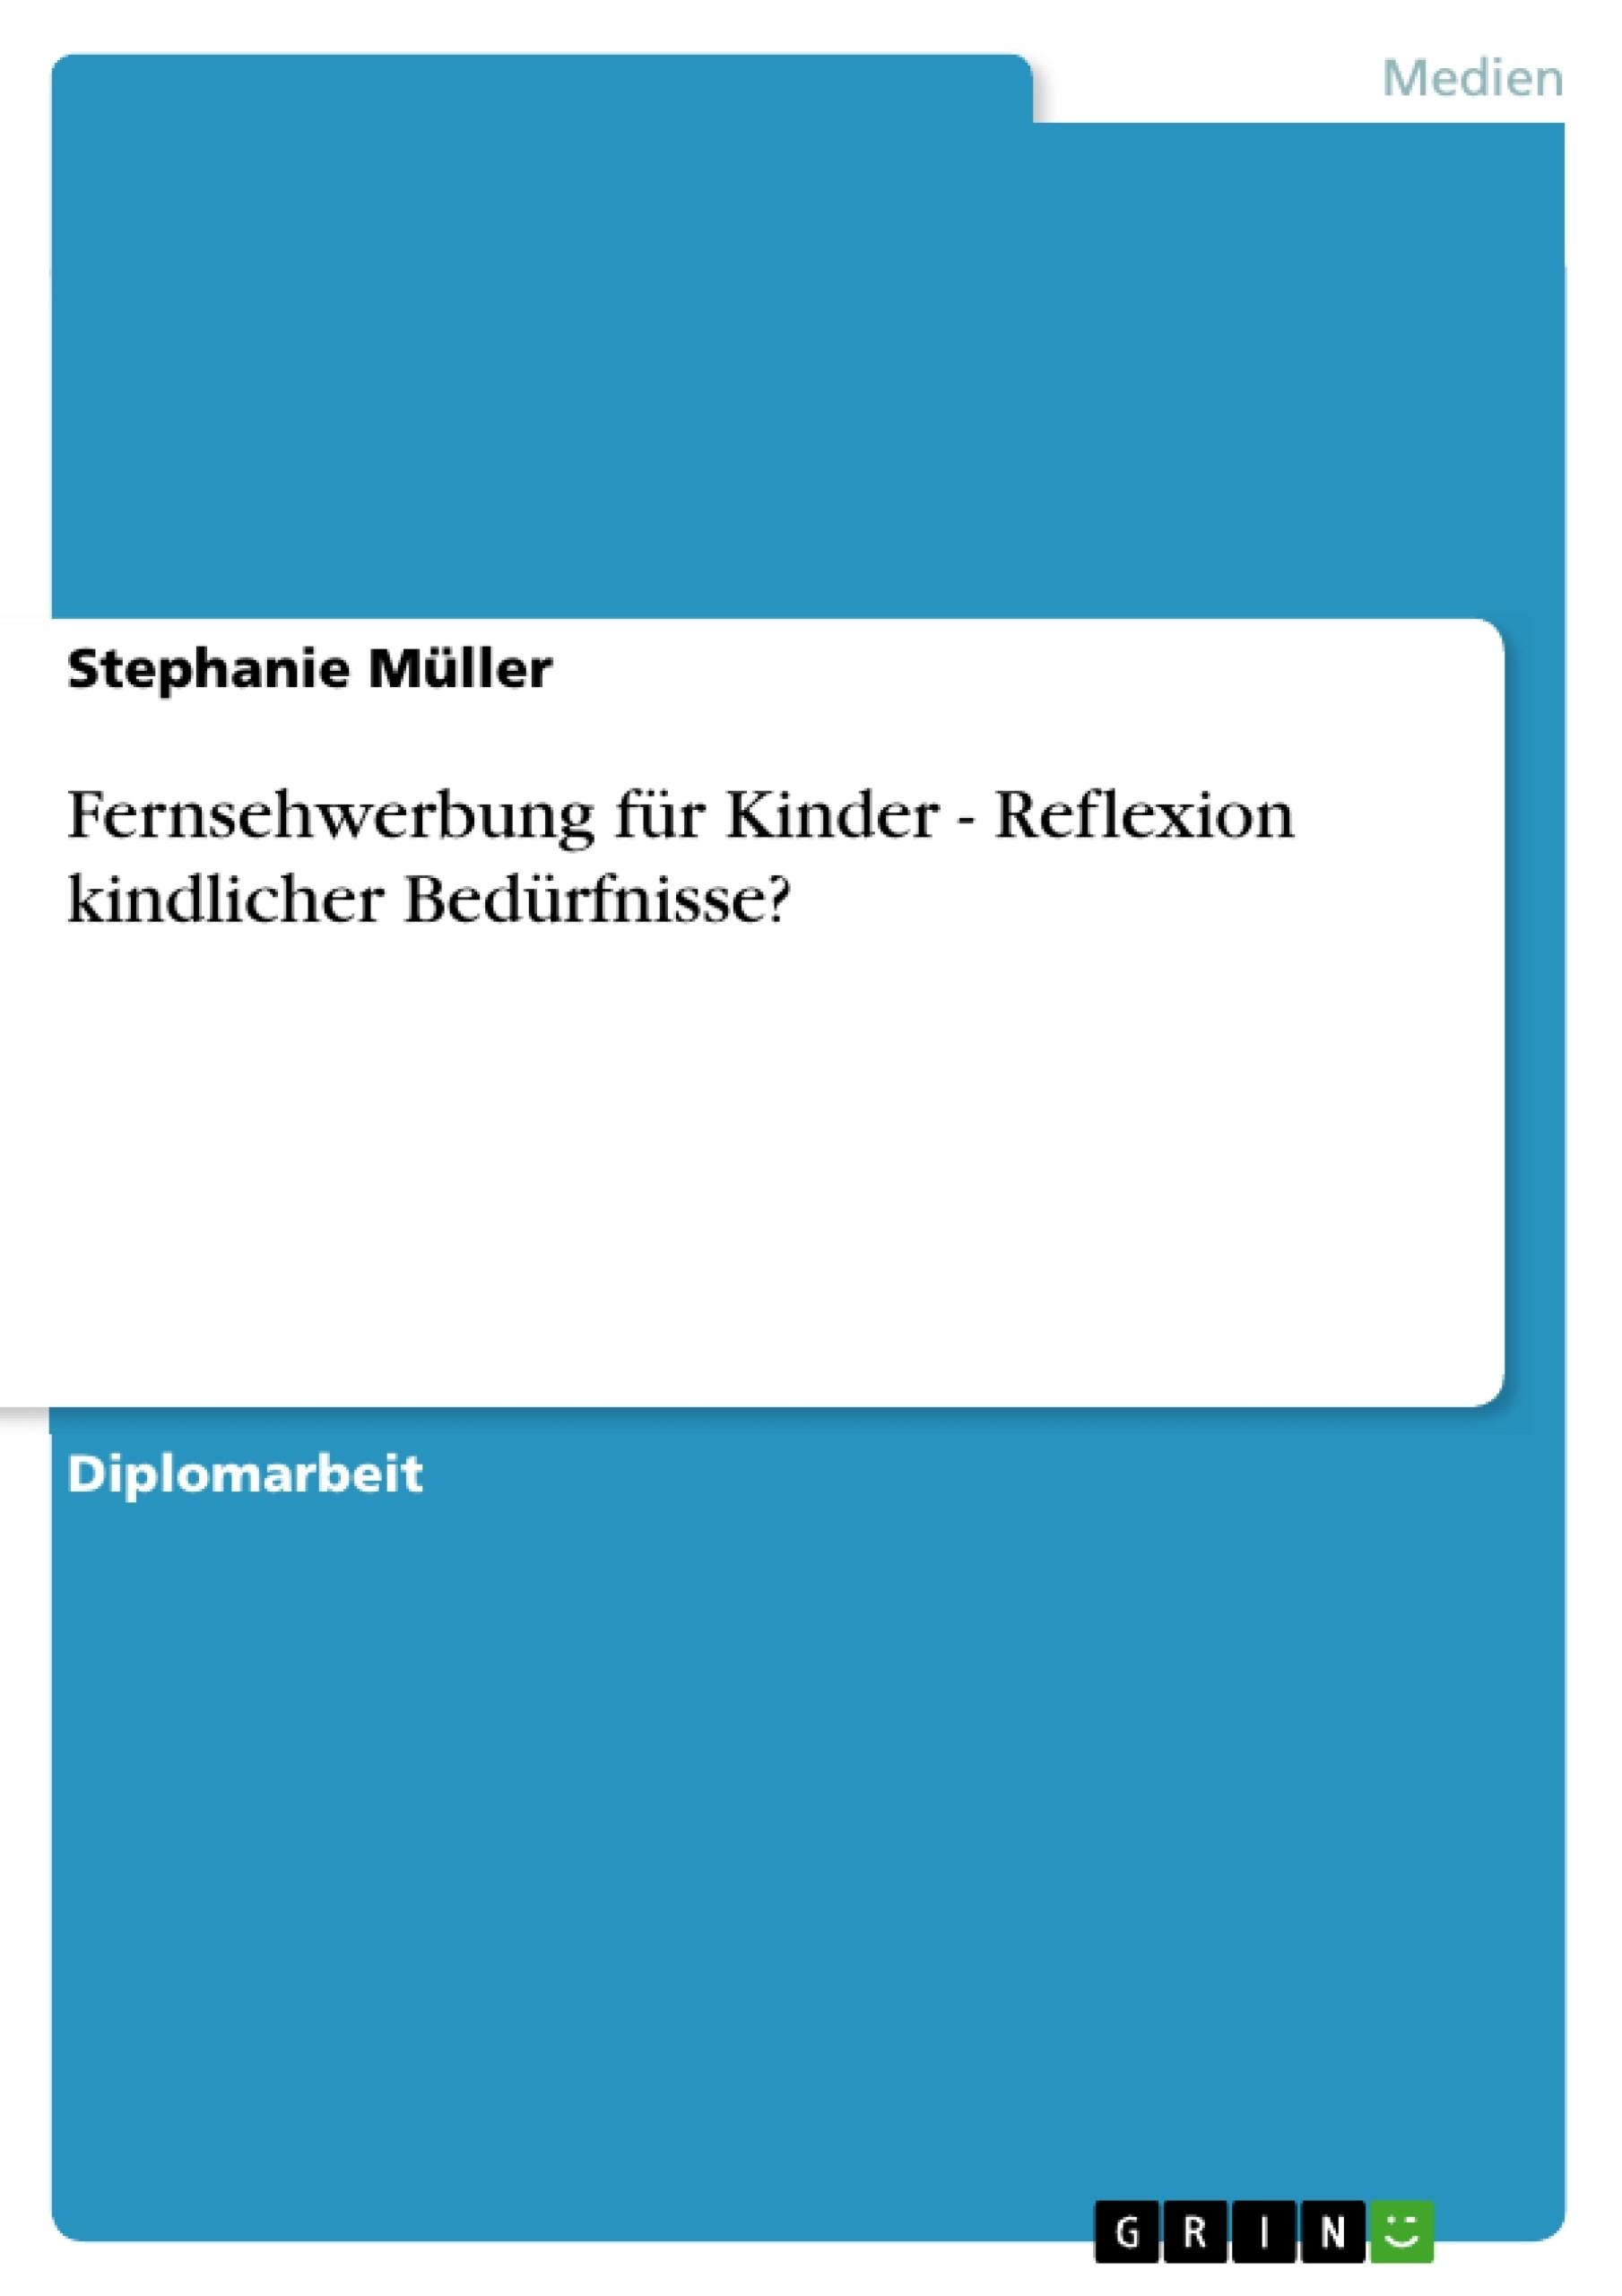 Titel: Fernsehwerbung für Kinder - Reflexion kindlicher Bedürfnisse?